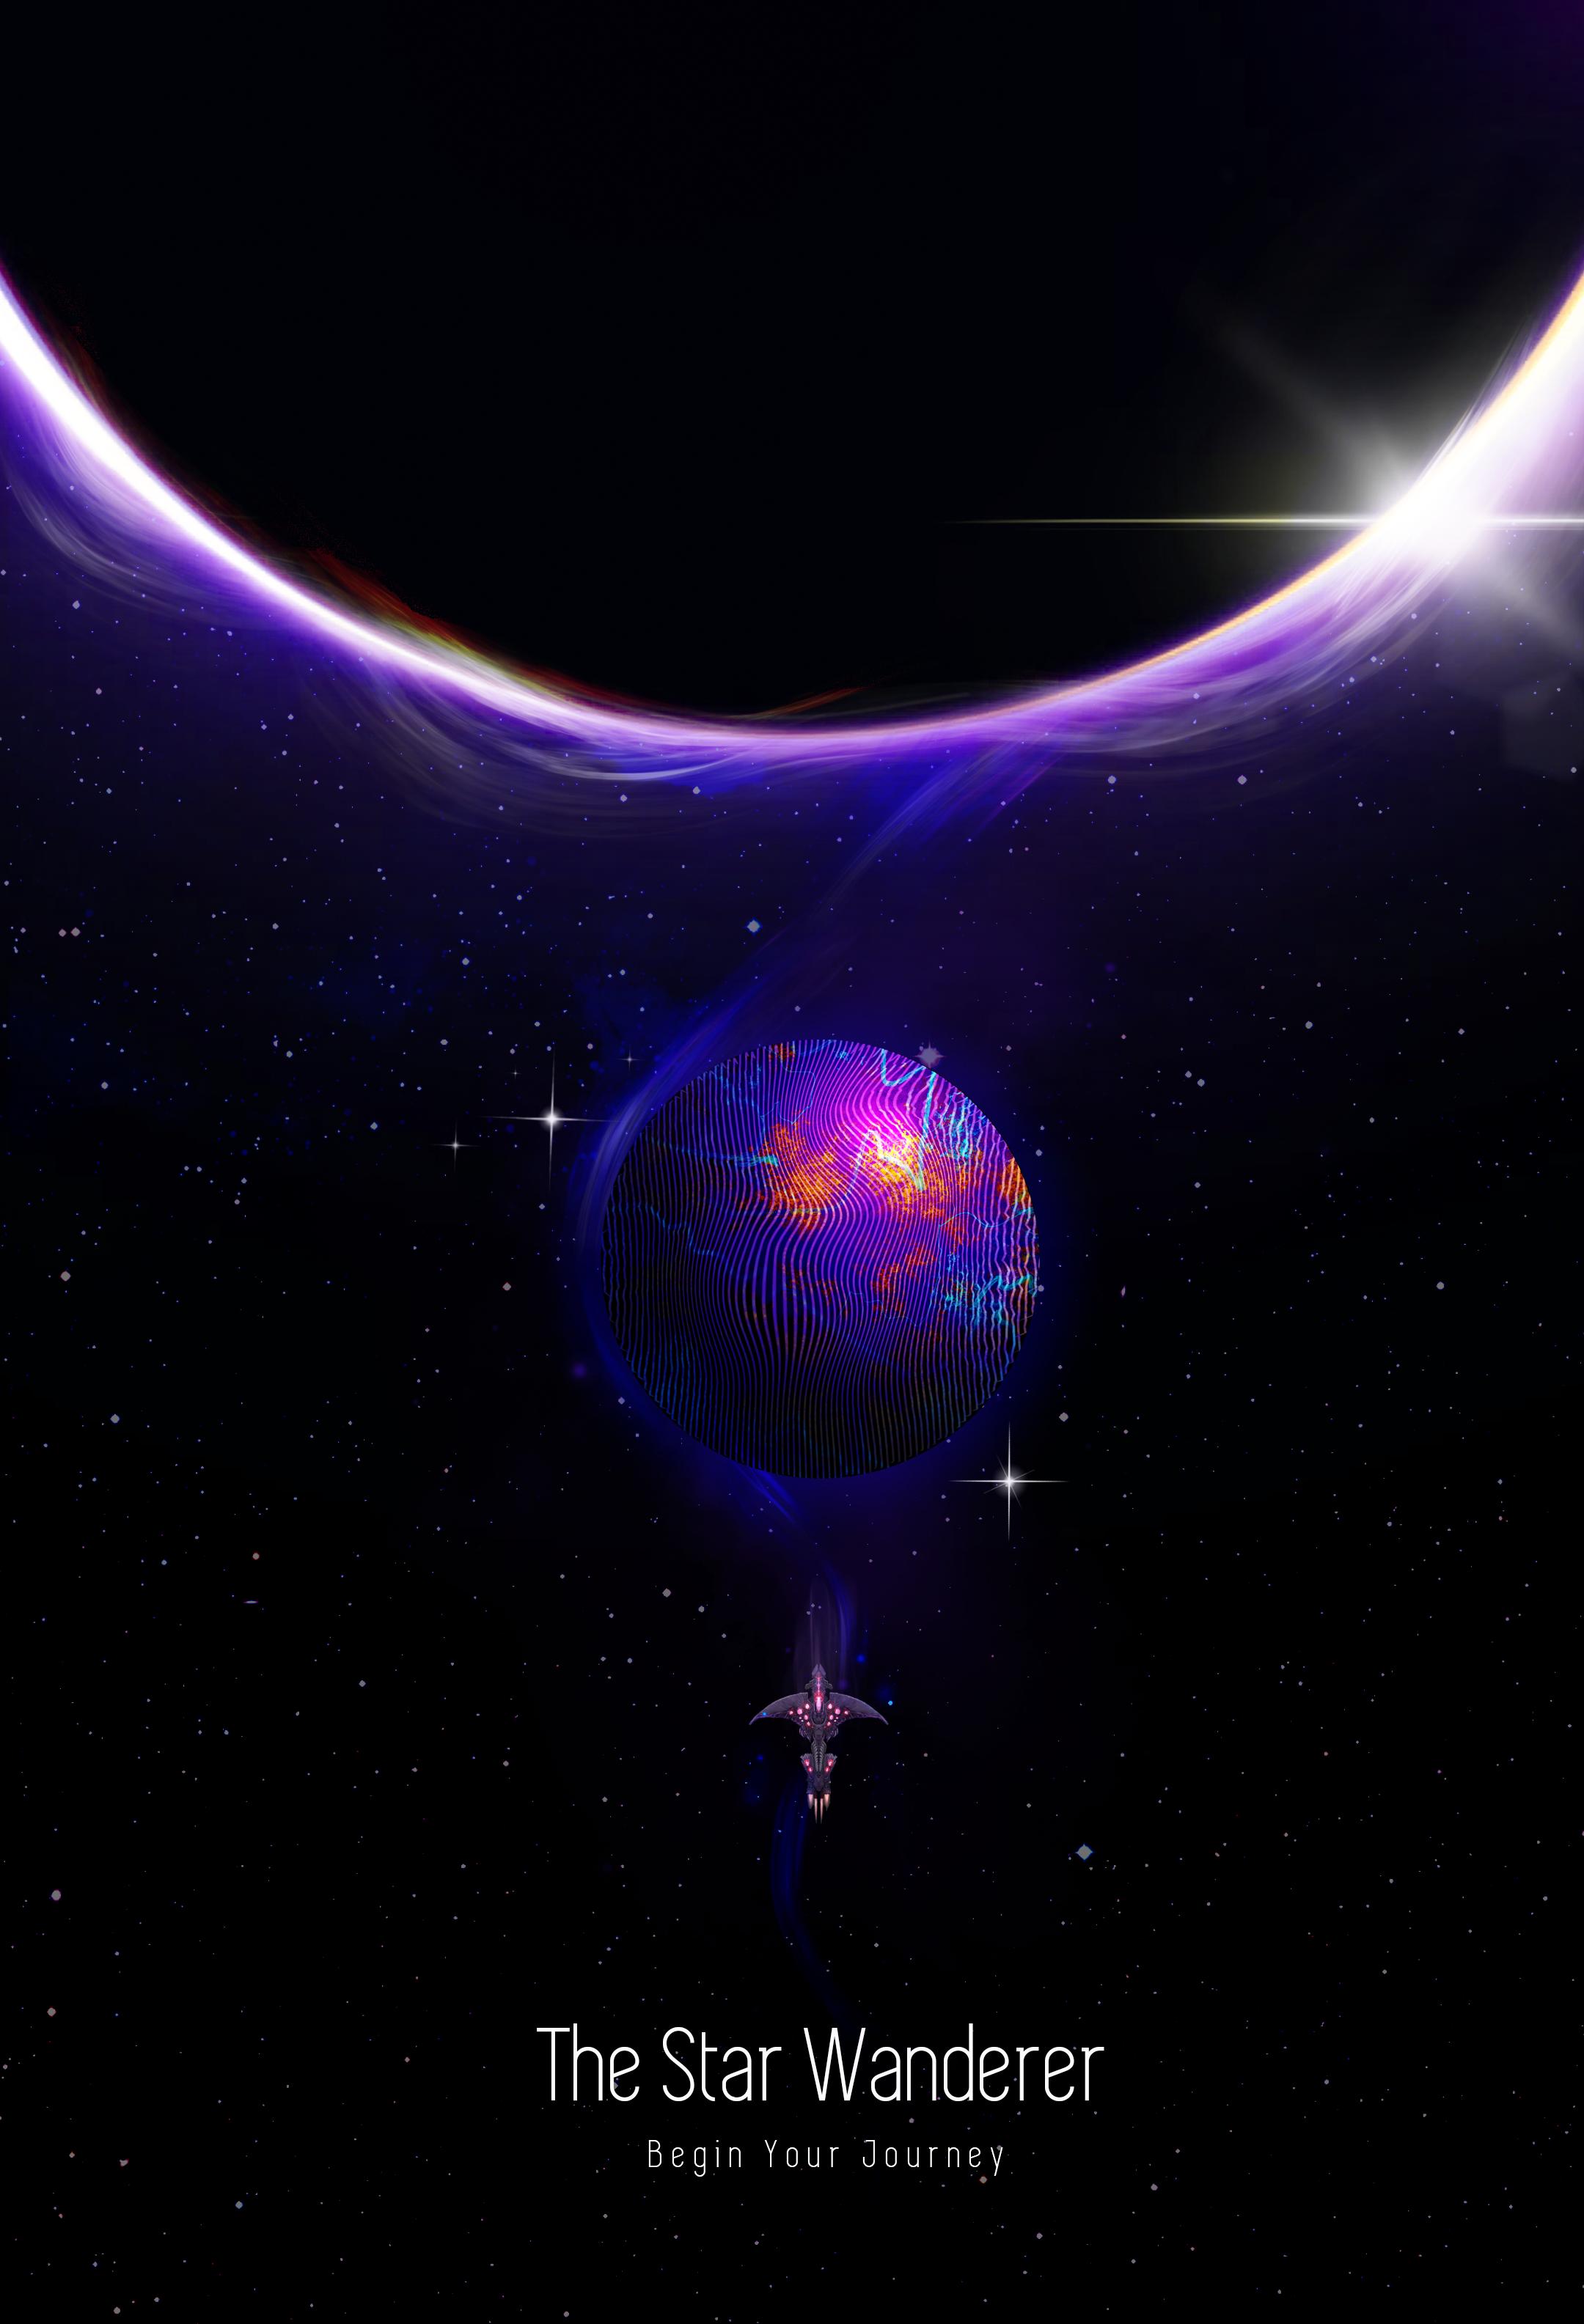 Star Wanderer Poster